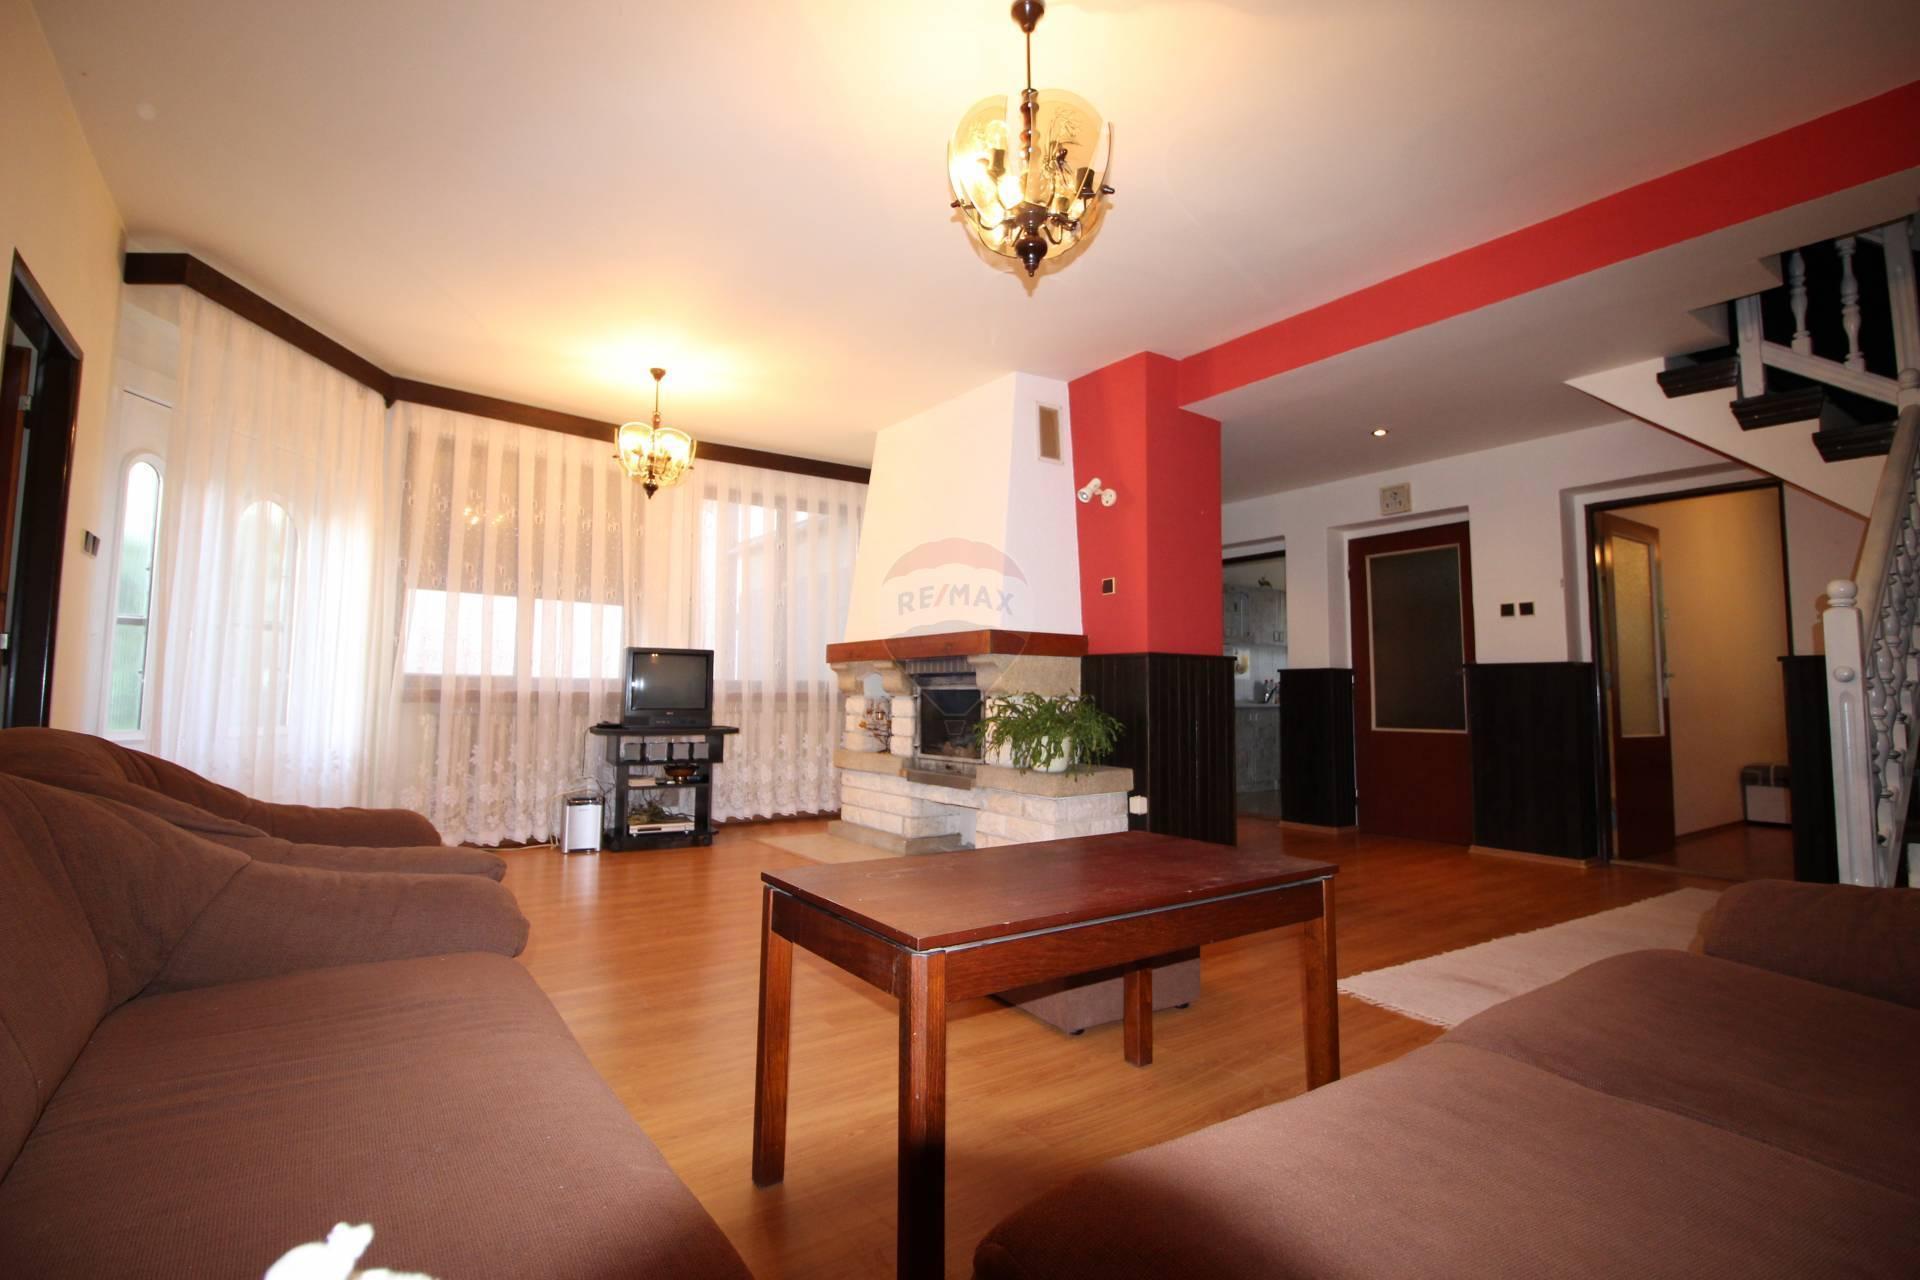 =RE/MAX= Na predaj dvojpodlažný 8 izbový rodinný dom, 1145 m2 pozemok, Hrnčiarovce centrum